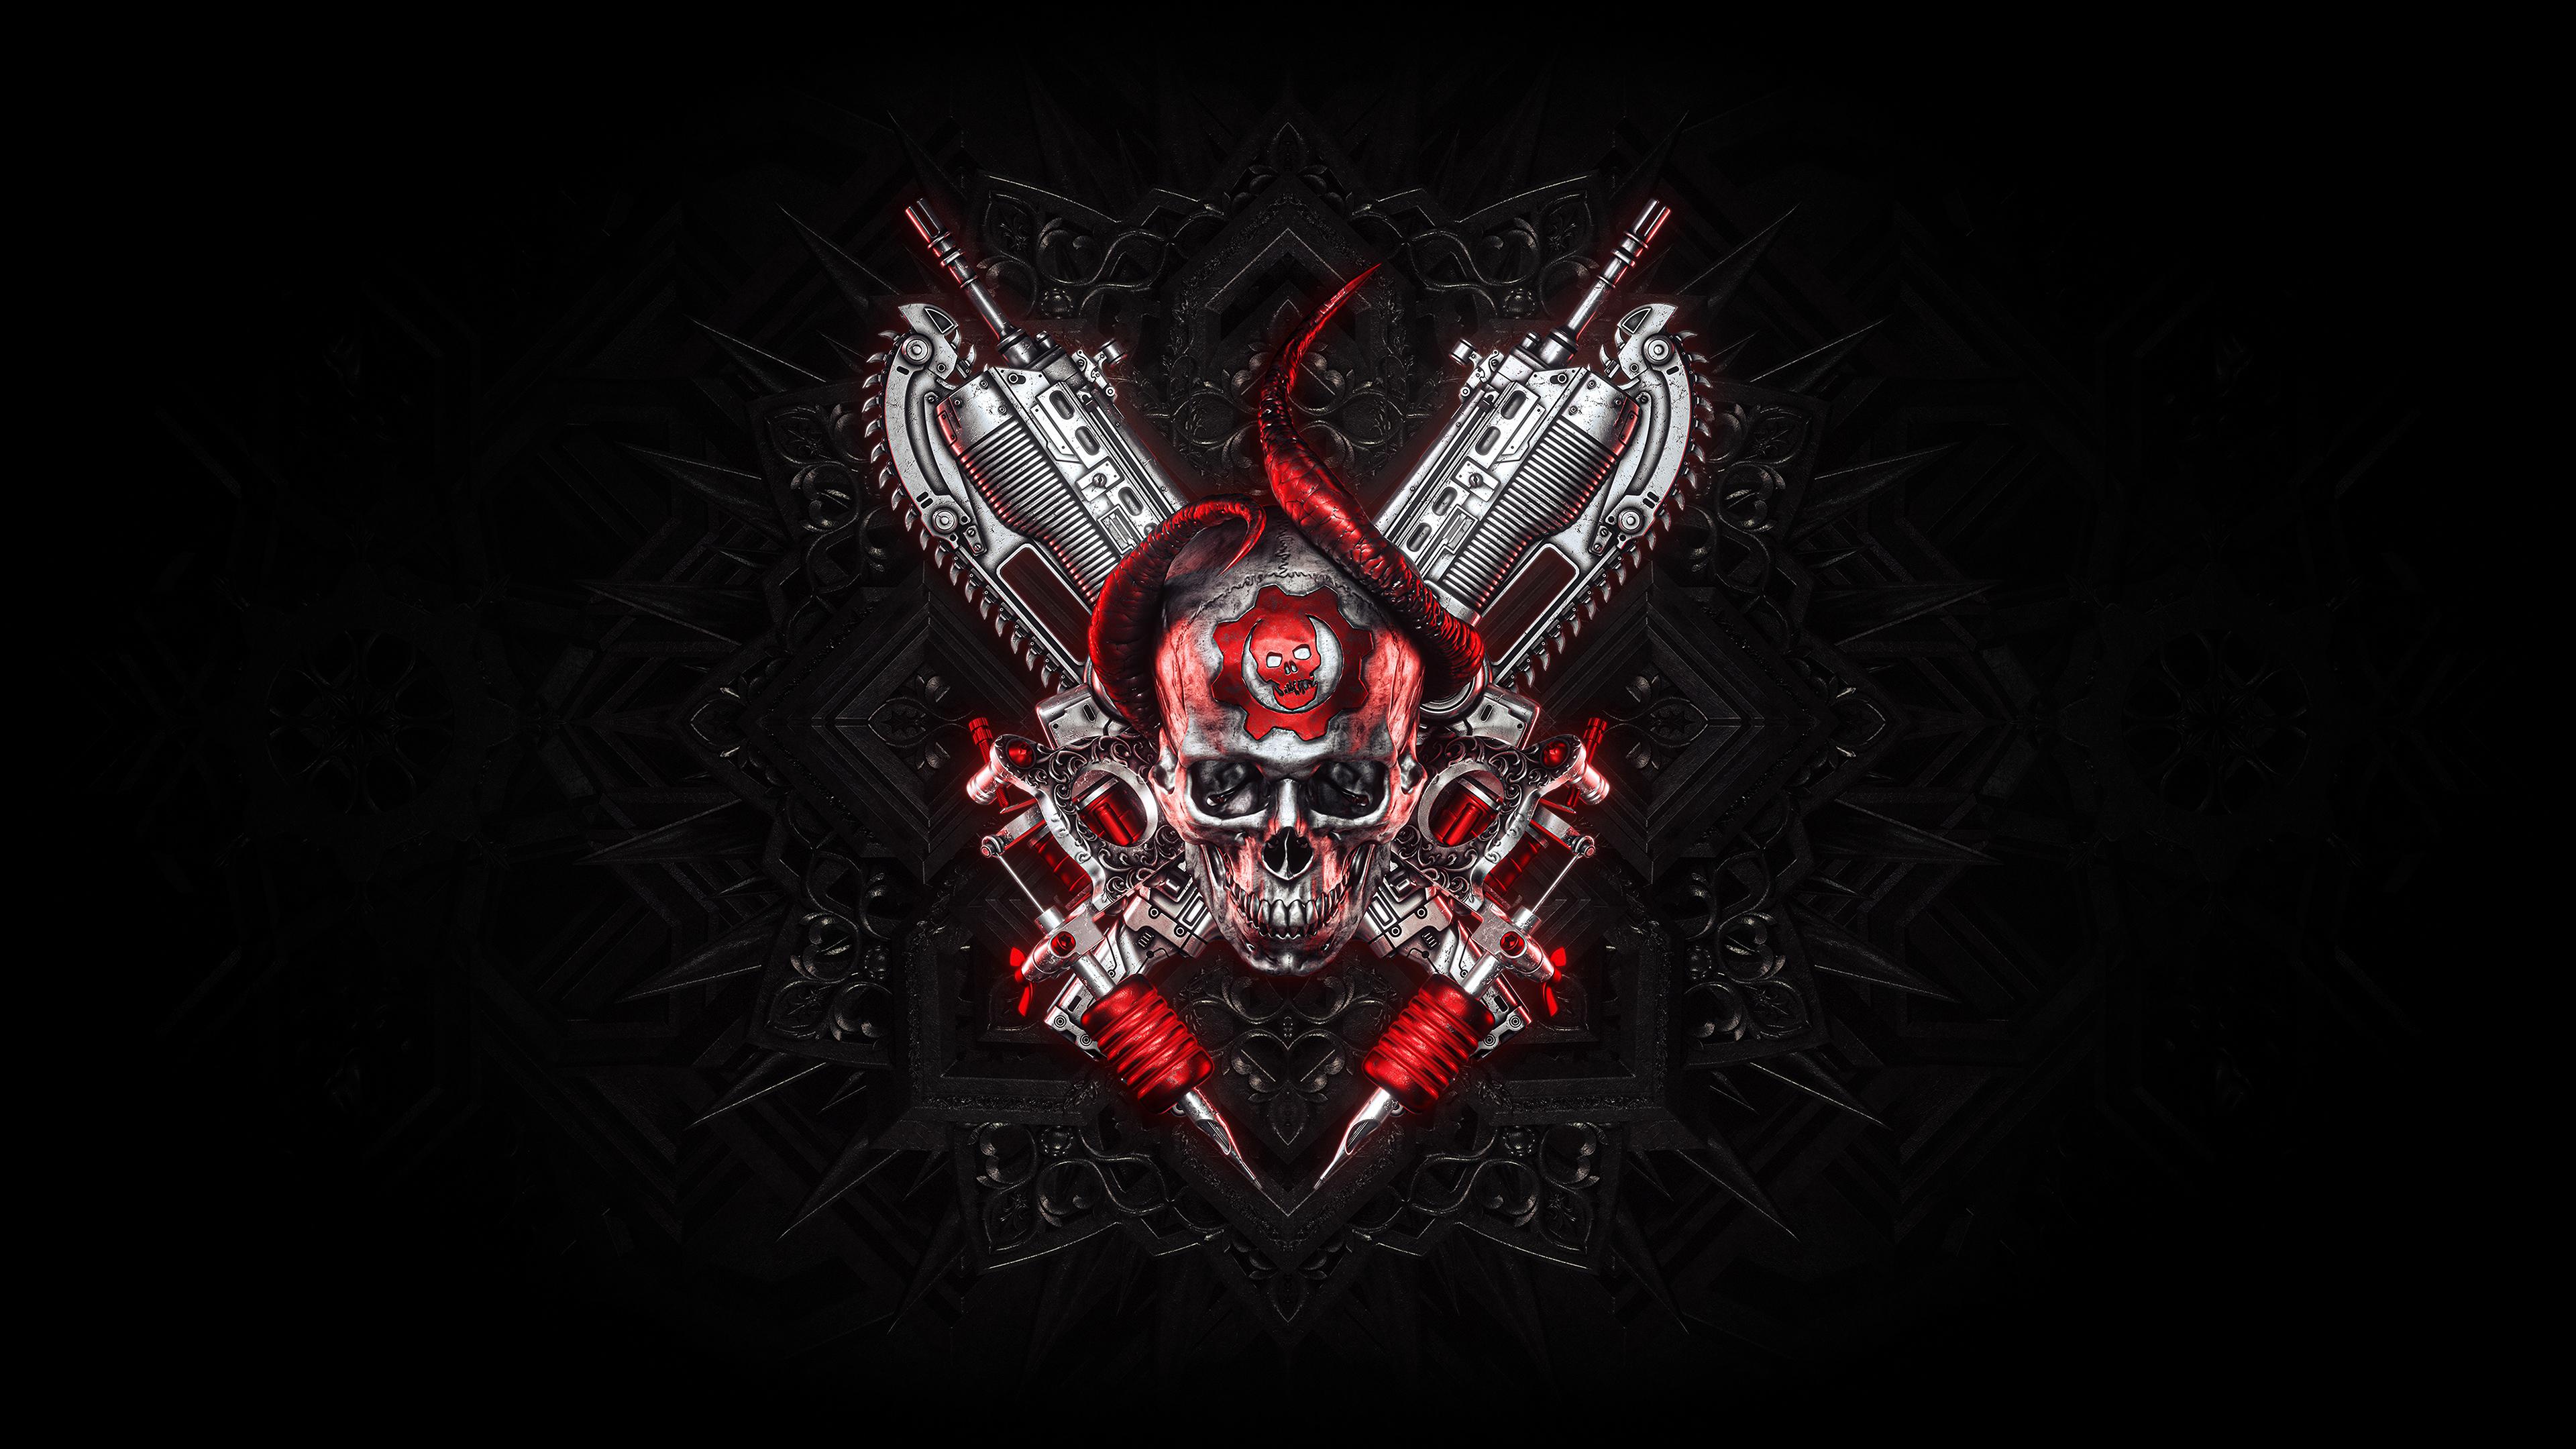 Gears Of War Logo 4K Wallpaper, HD Artist 4K Wallpapers.